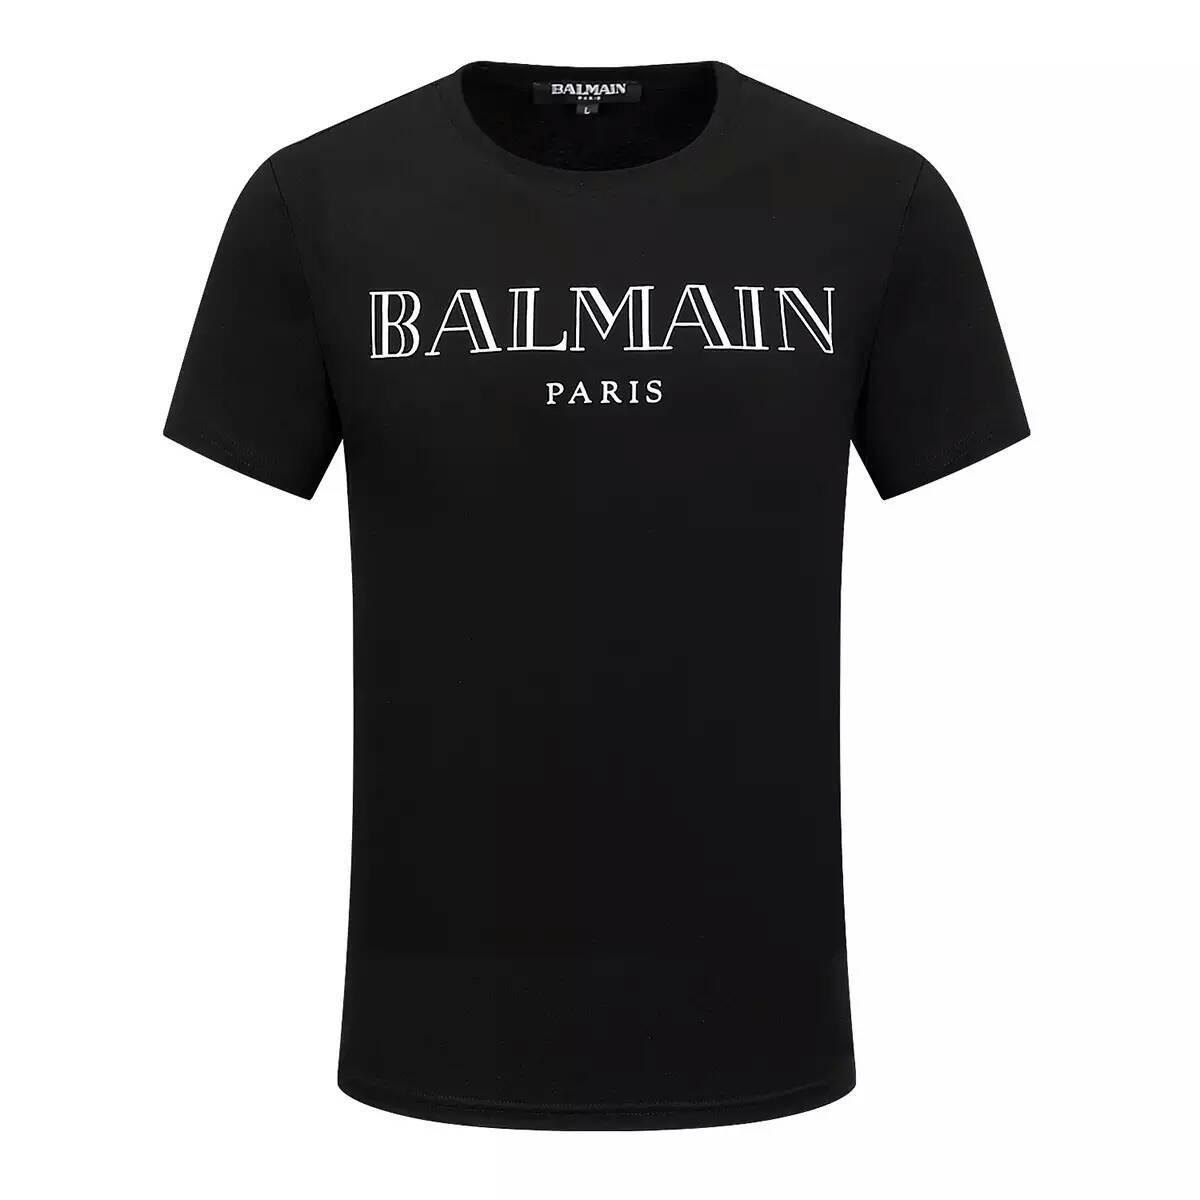 Hott summer tee men 39 s new t shirt balmain paris collor for Logo t shirts online